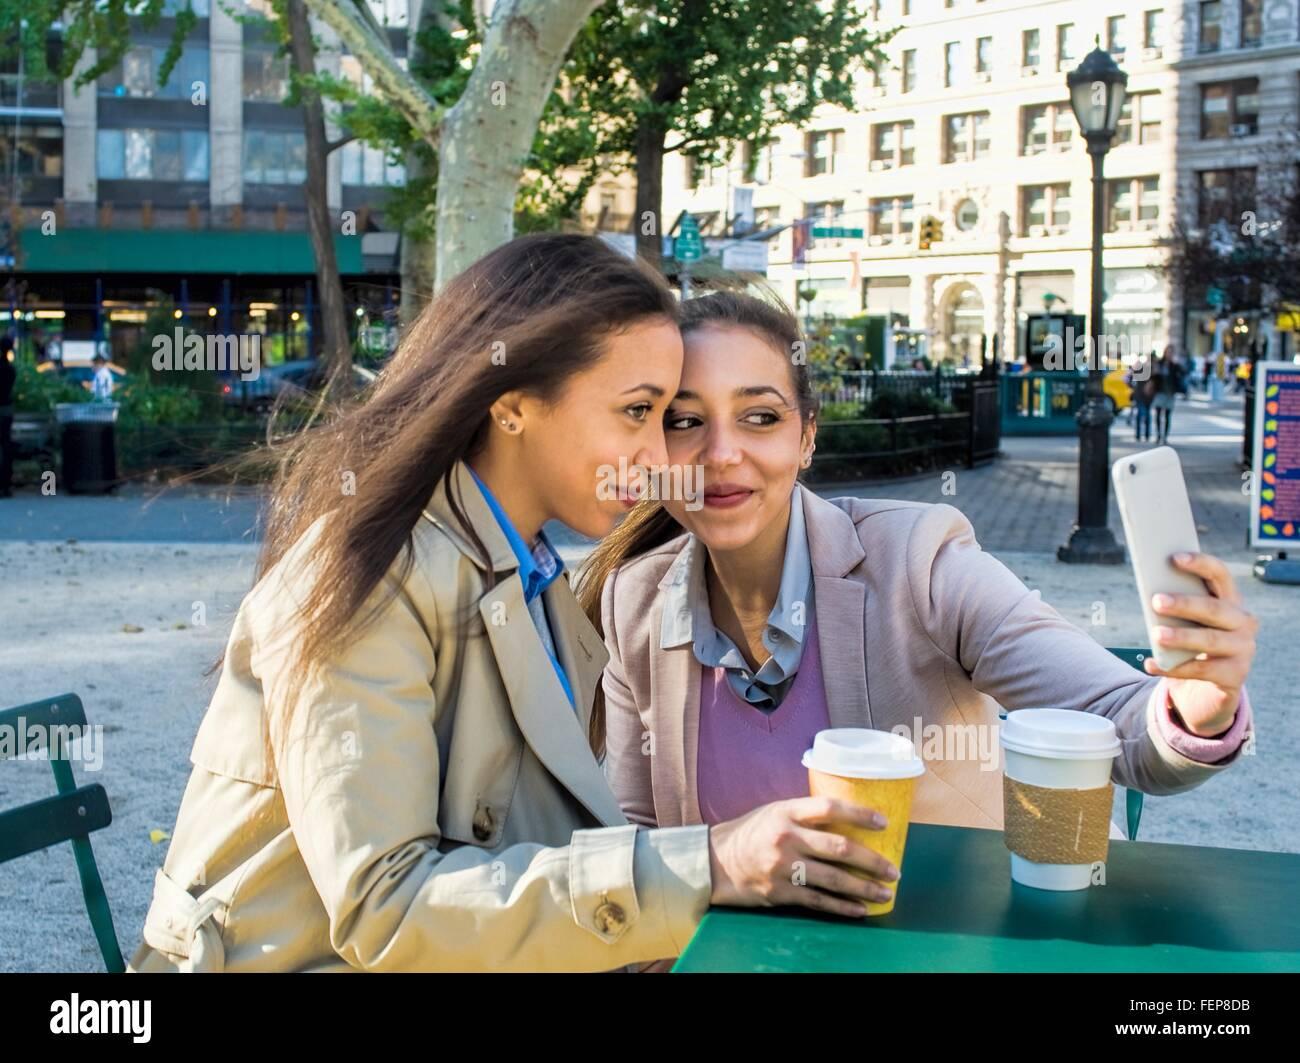 Hembra adulta joven gemelos teniendo selfie en City Park Imagen De Stock